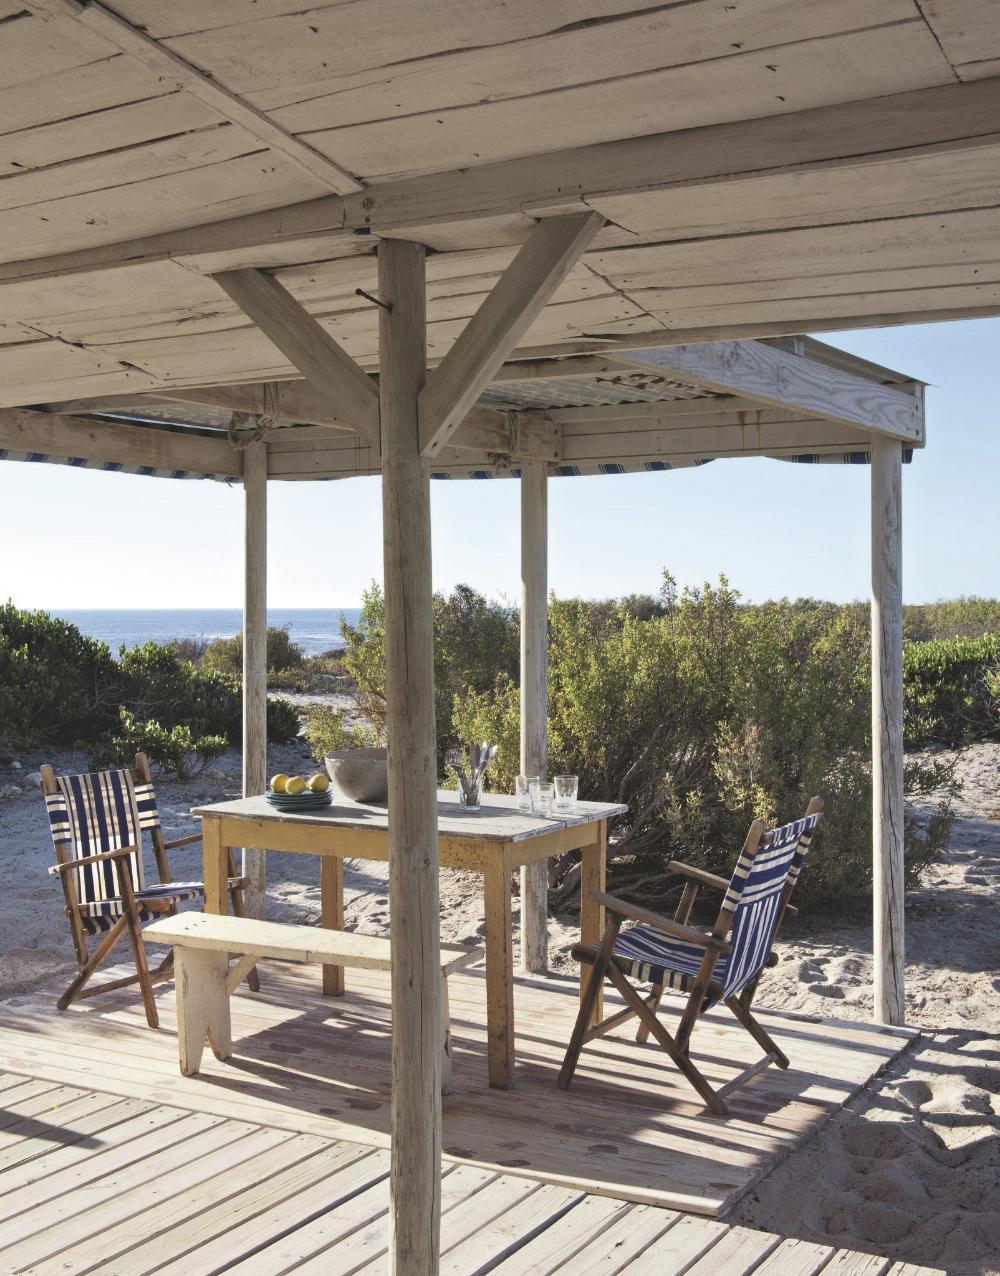 Maison Vue Mer 17 Inspirations En France Et A L Etranger Maison De Vacances Cabane Cote Maison